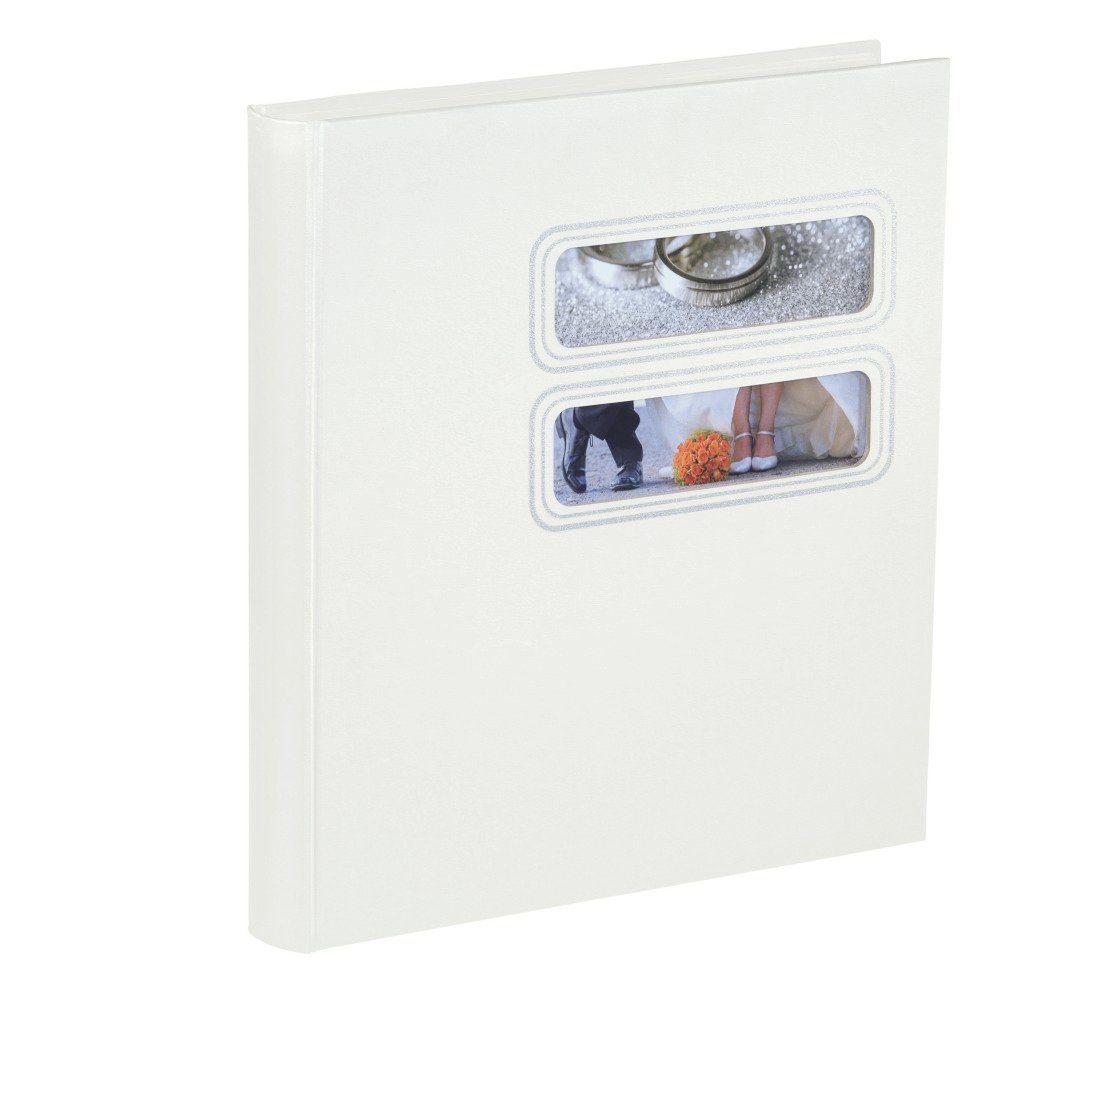 Hama Buch-Album Savona, 30x33 cm, 50 weiße Seiten